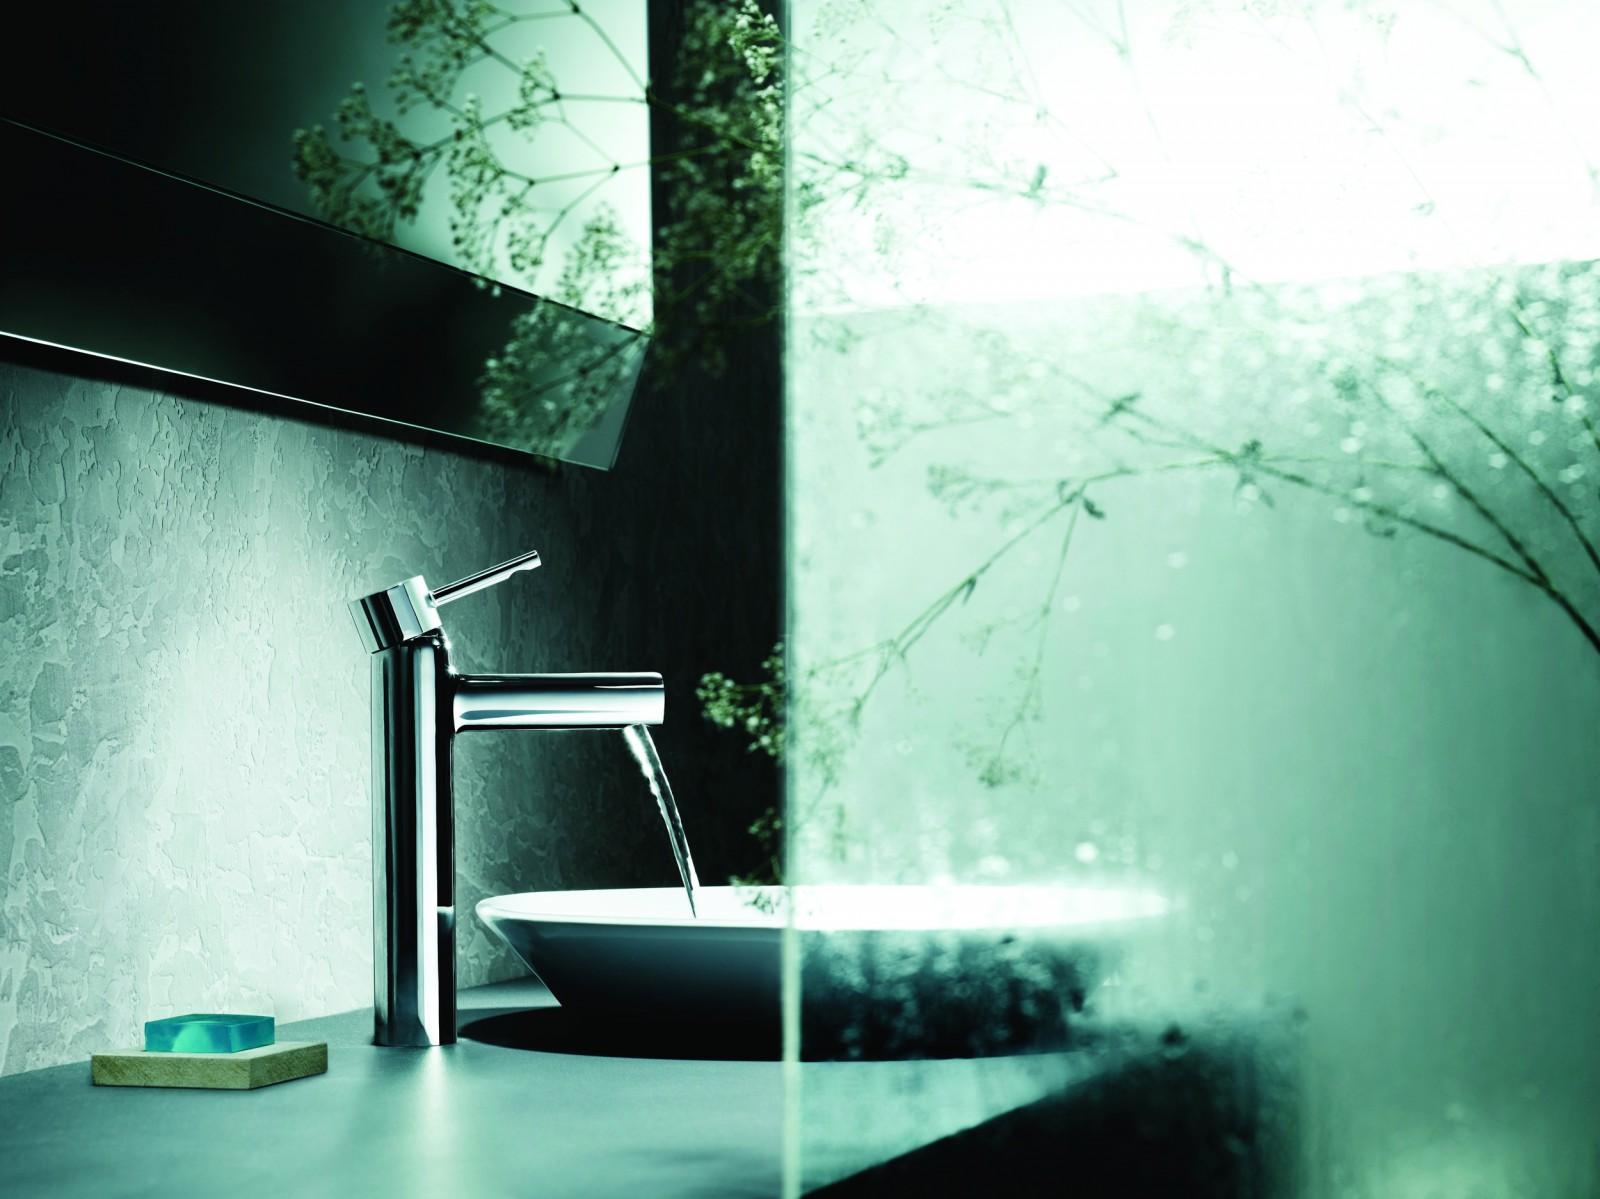 armaturen serie cuff von kohler bergmann franz. Black Bedroom Furniture Sets. Home Design Ideas